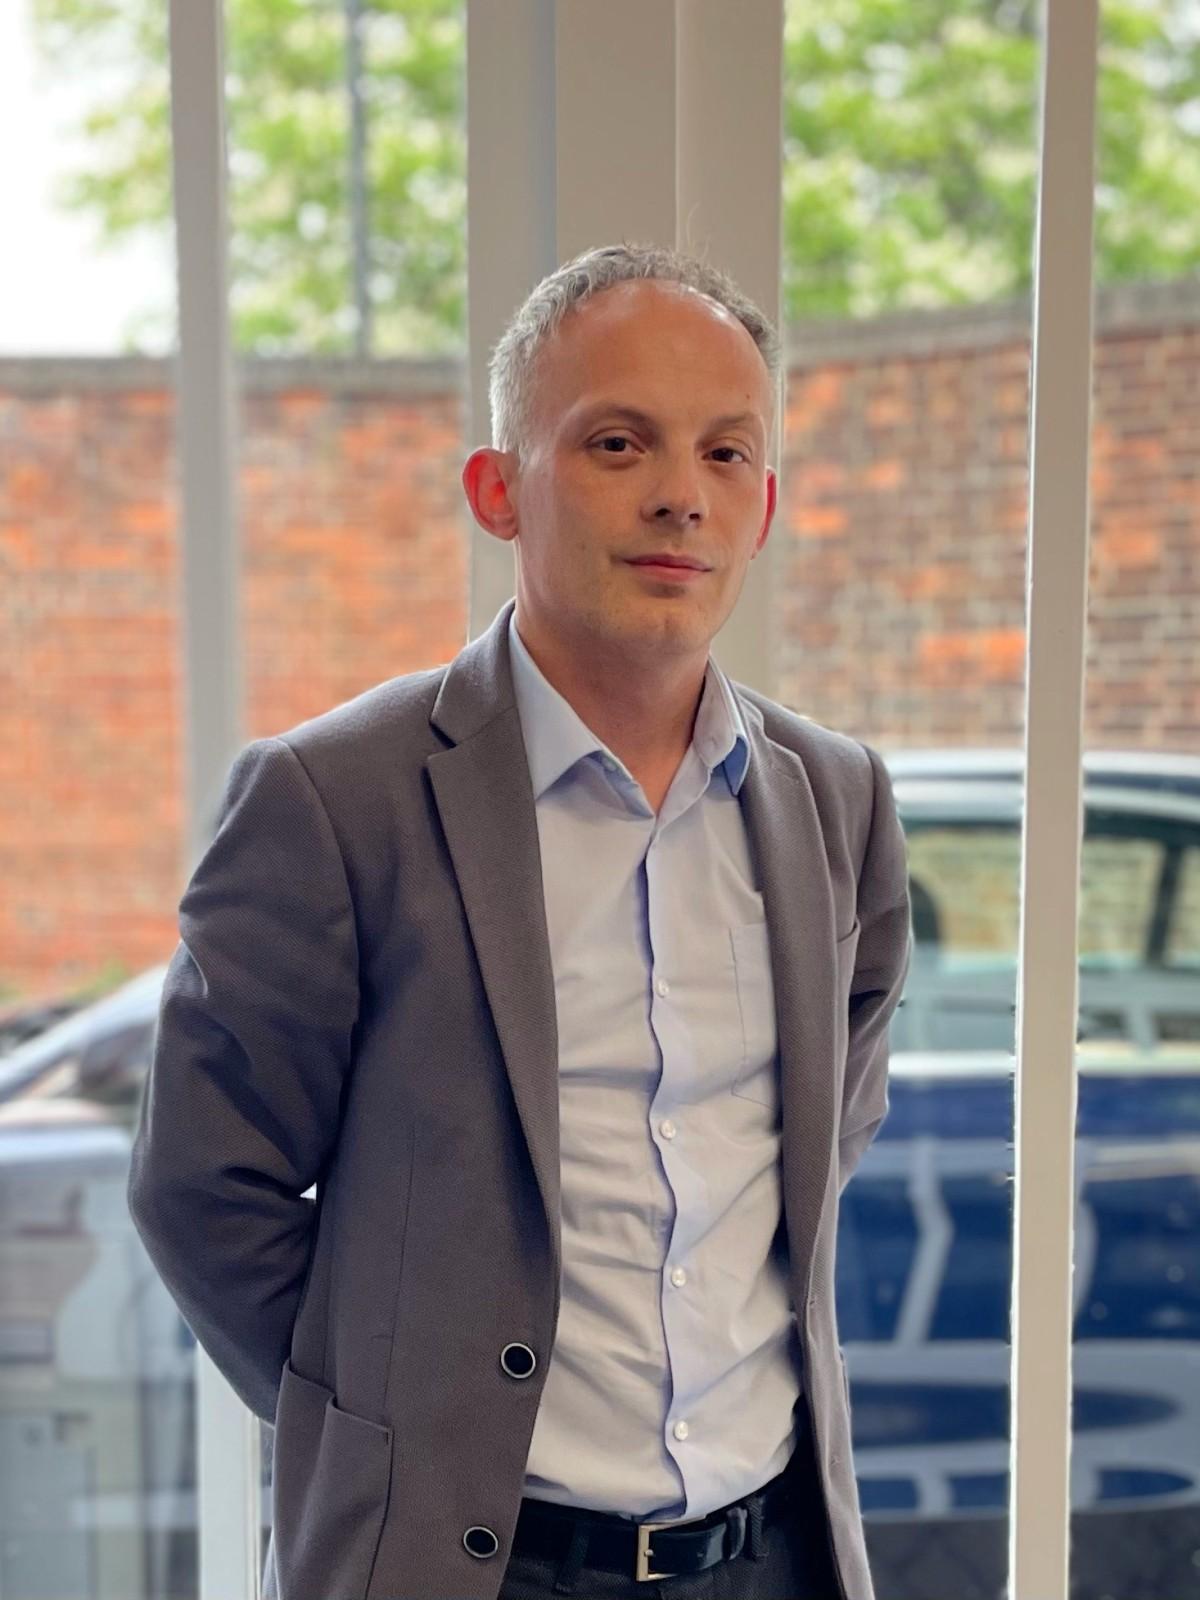 Meet the Team: Darren Wilsonham